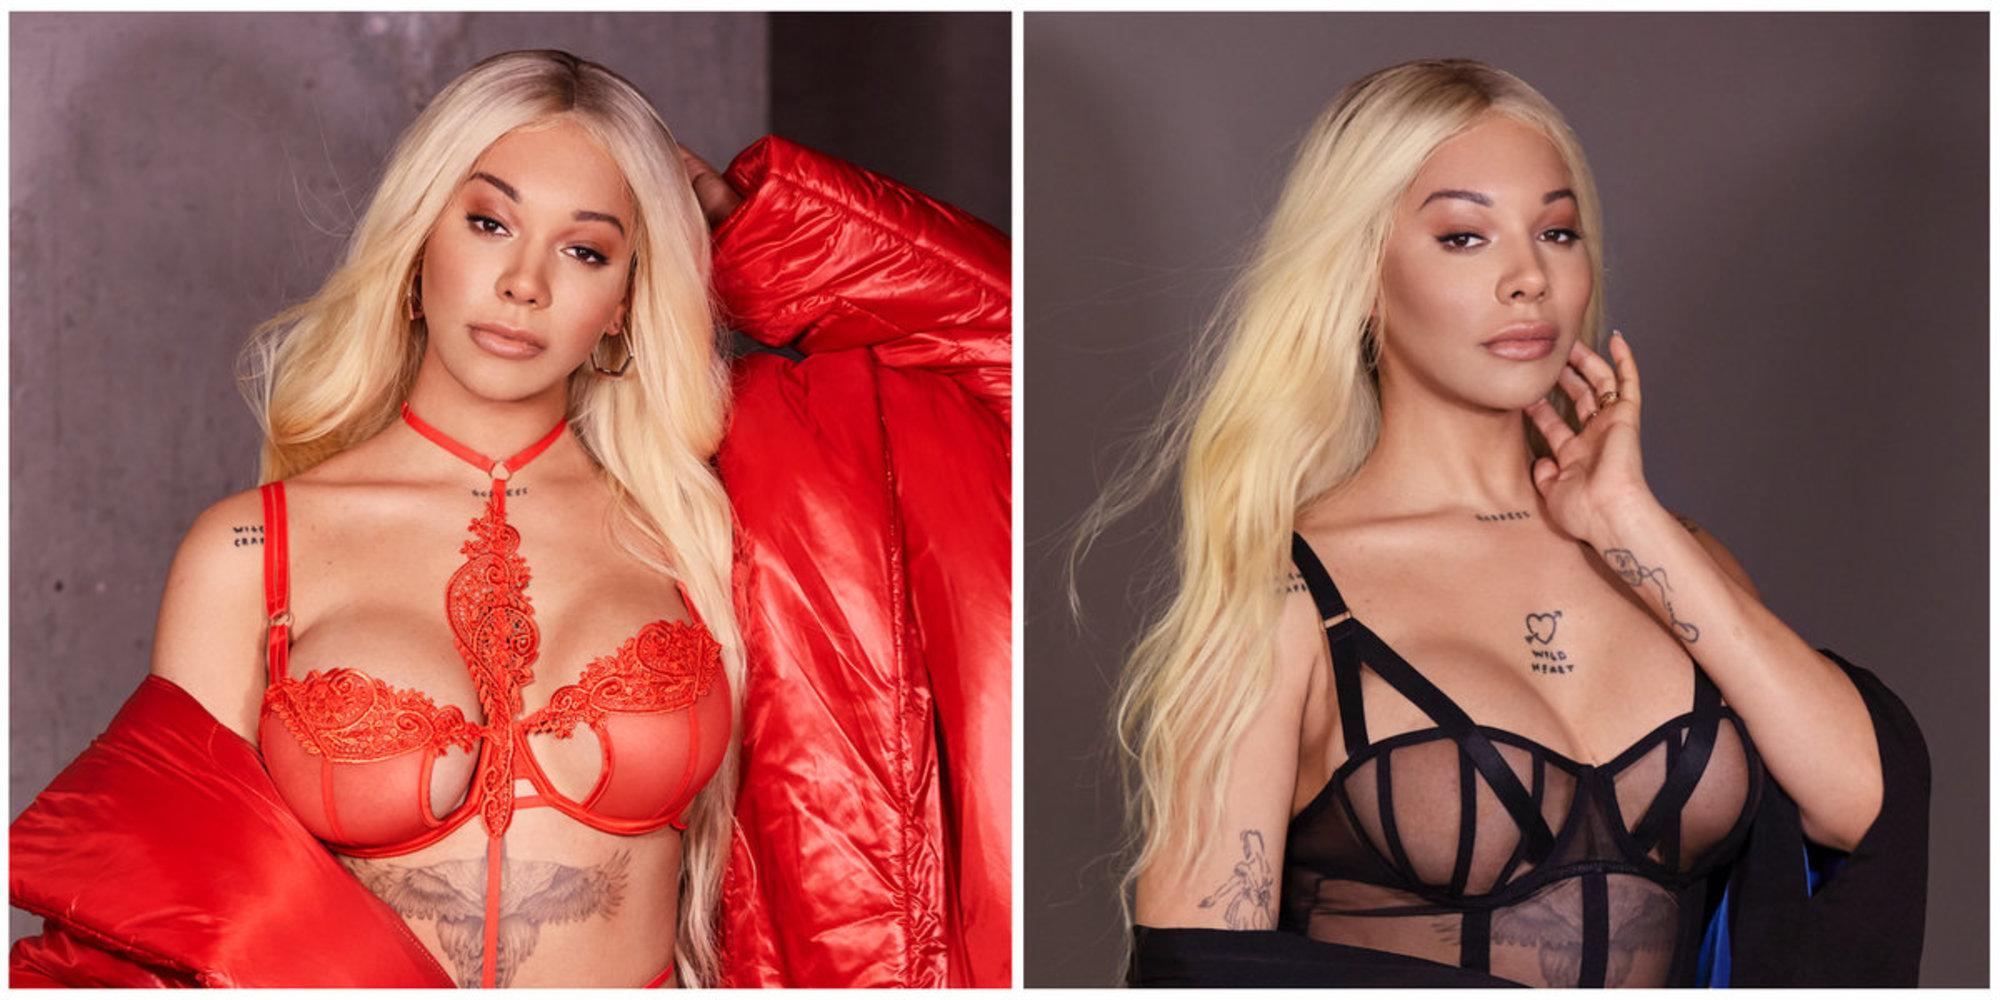 Trans Model Dünyaca Ünlü Bir İç Çamaşırı Markasının Reklam Yüzü Oldu